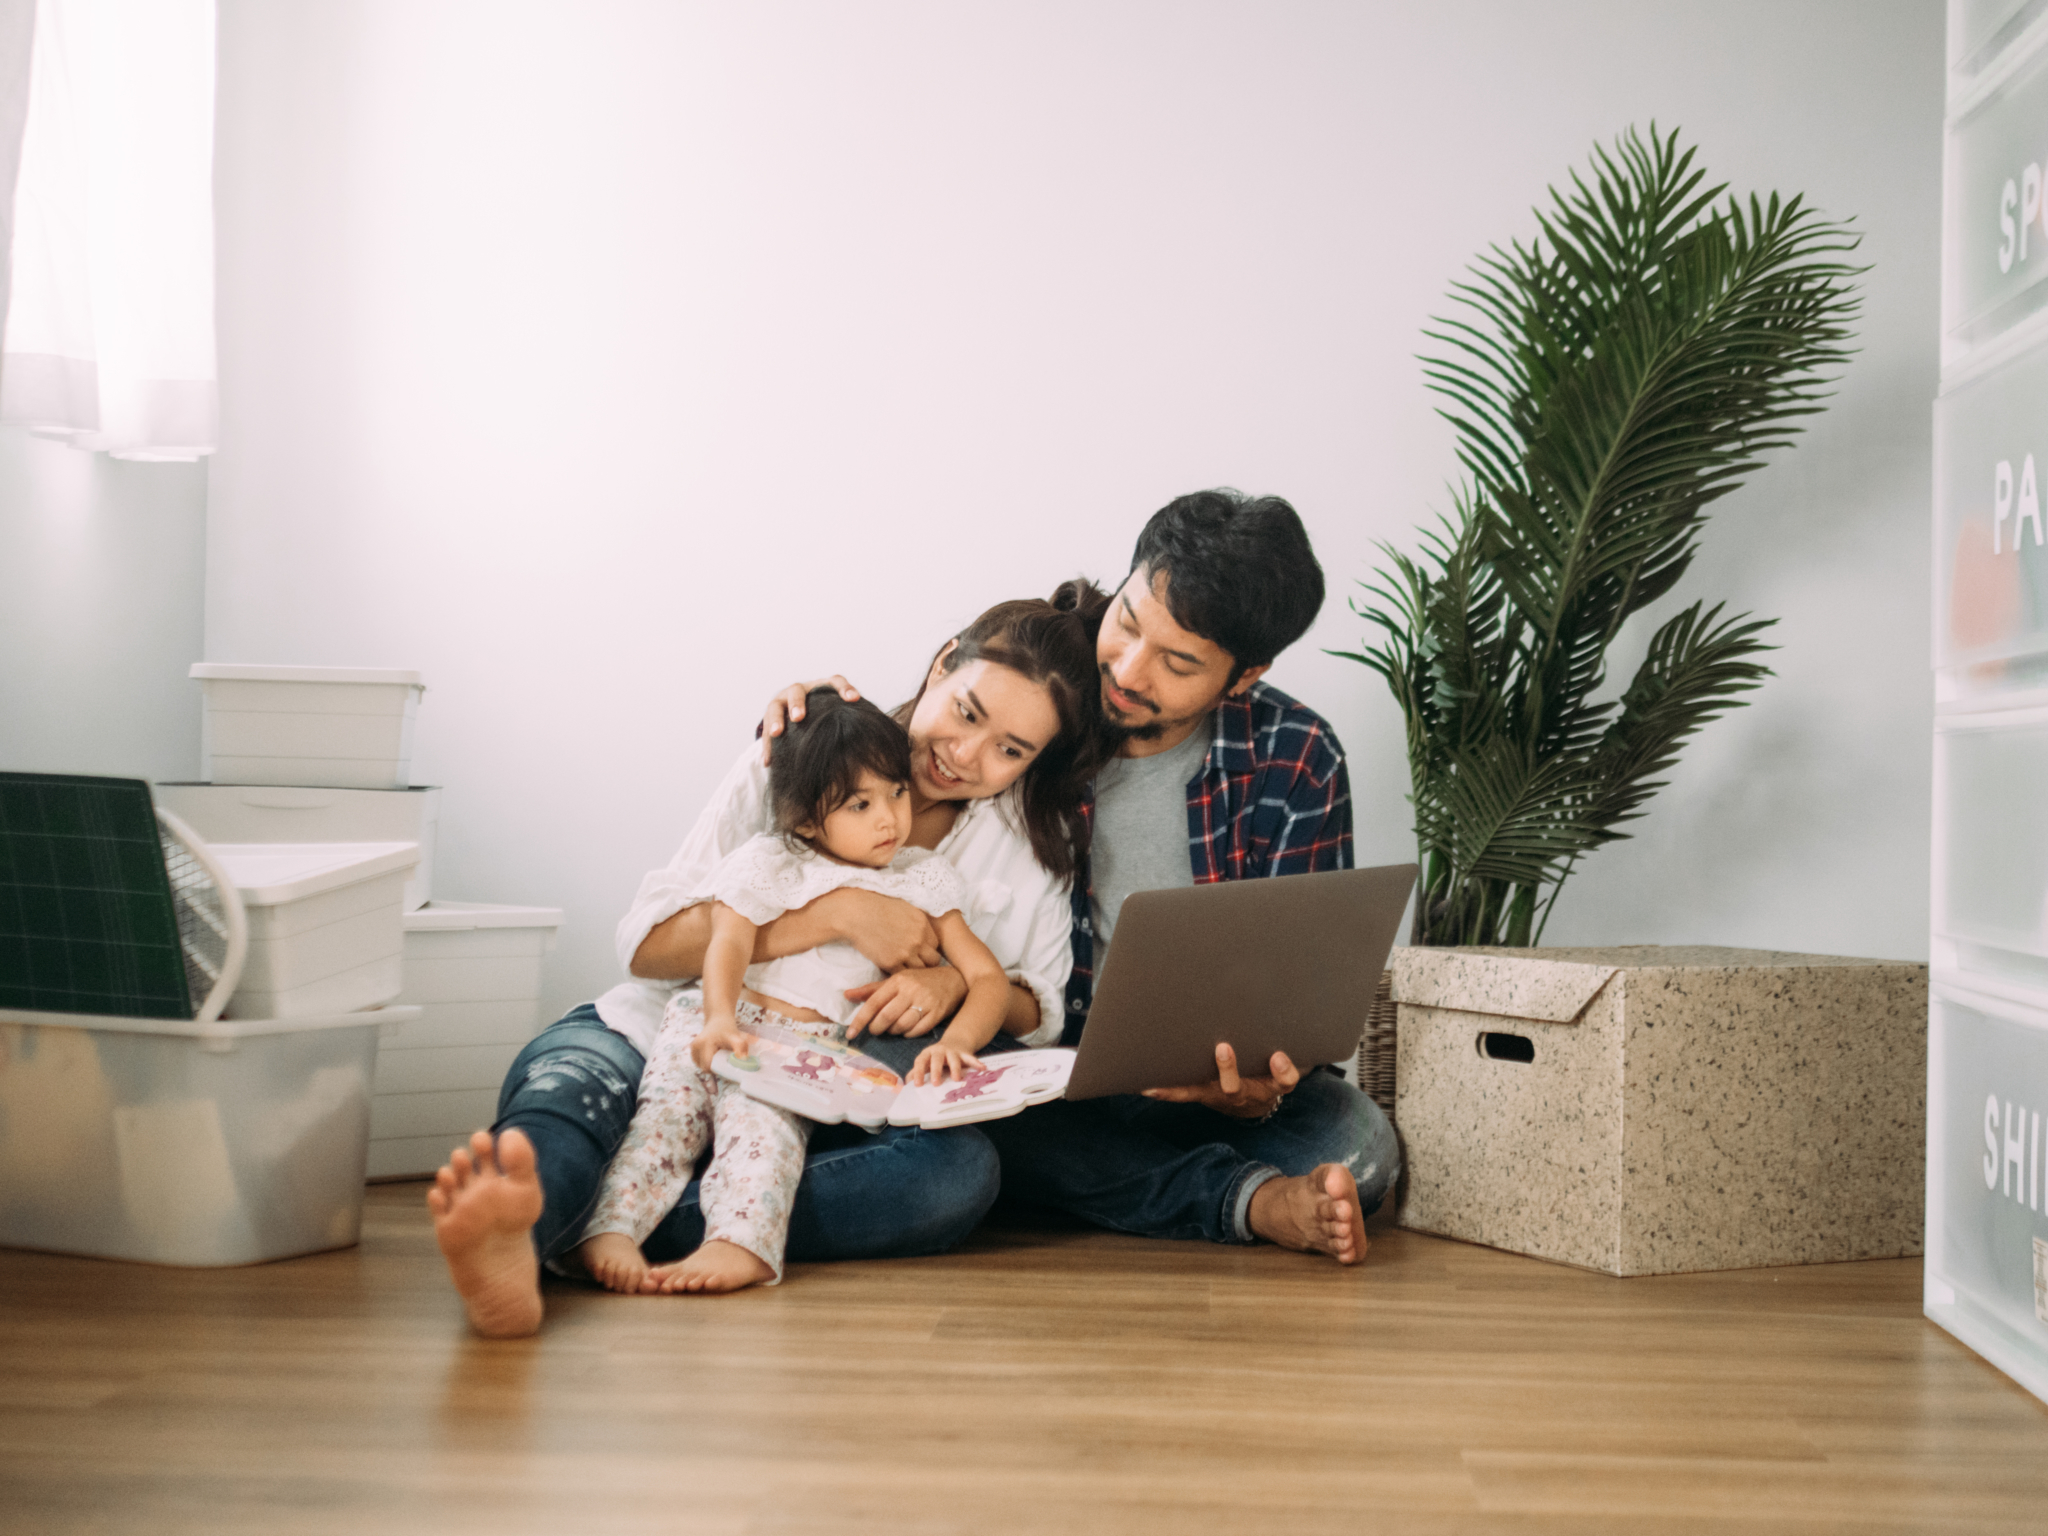 20% deposit home loan